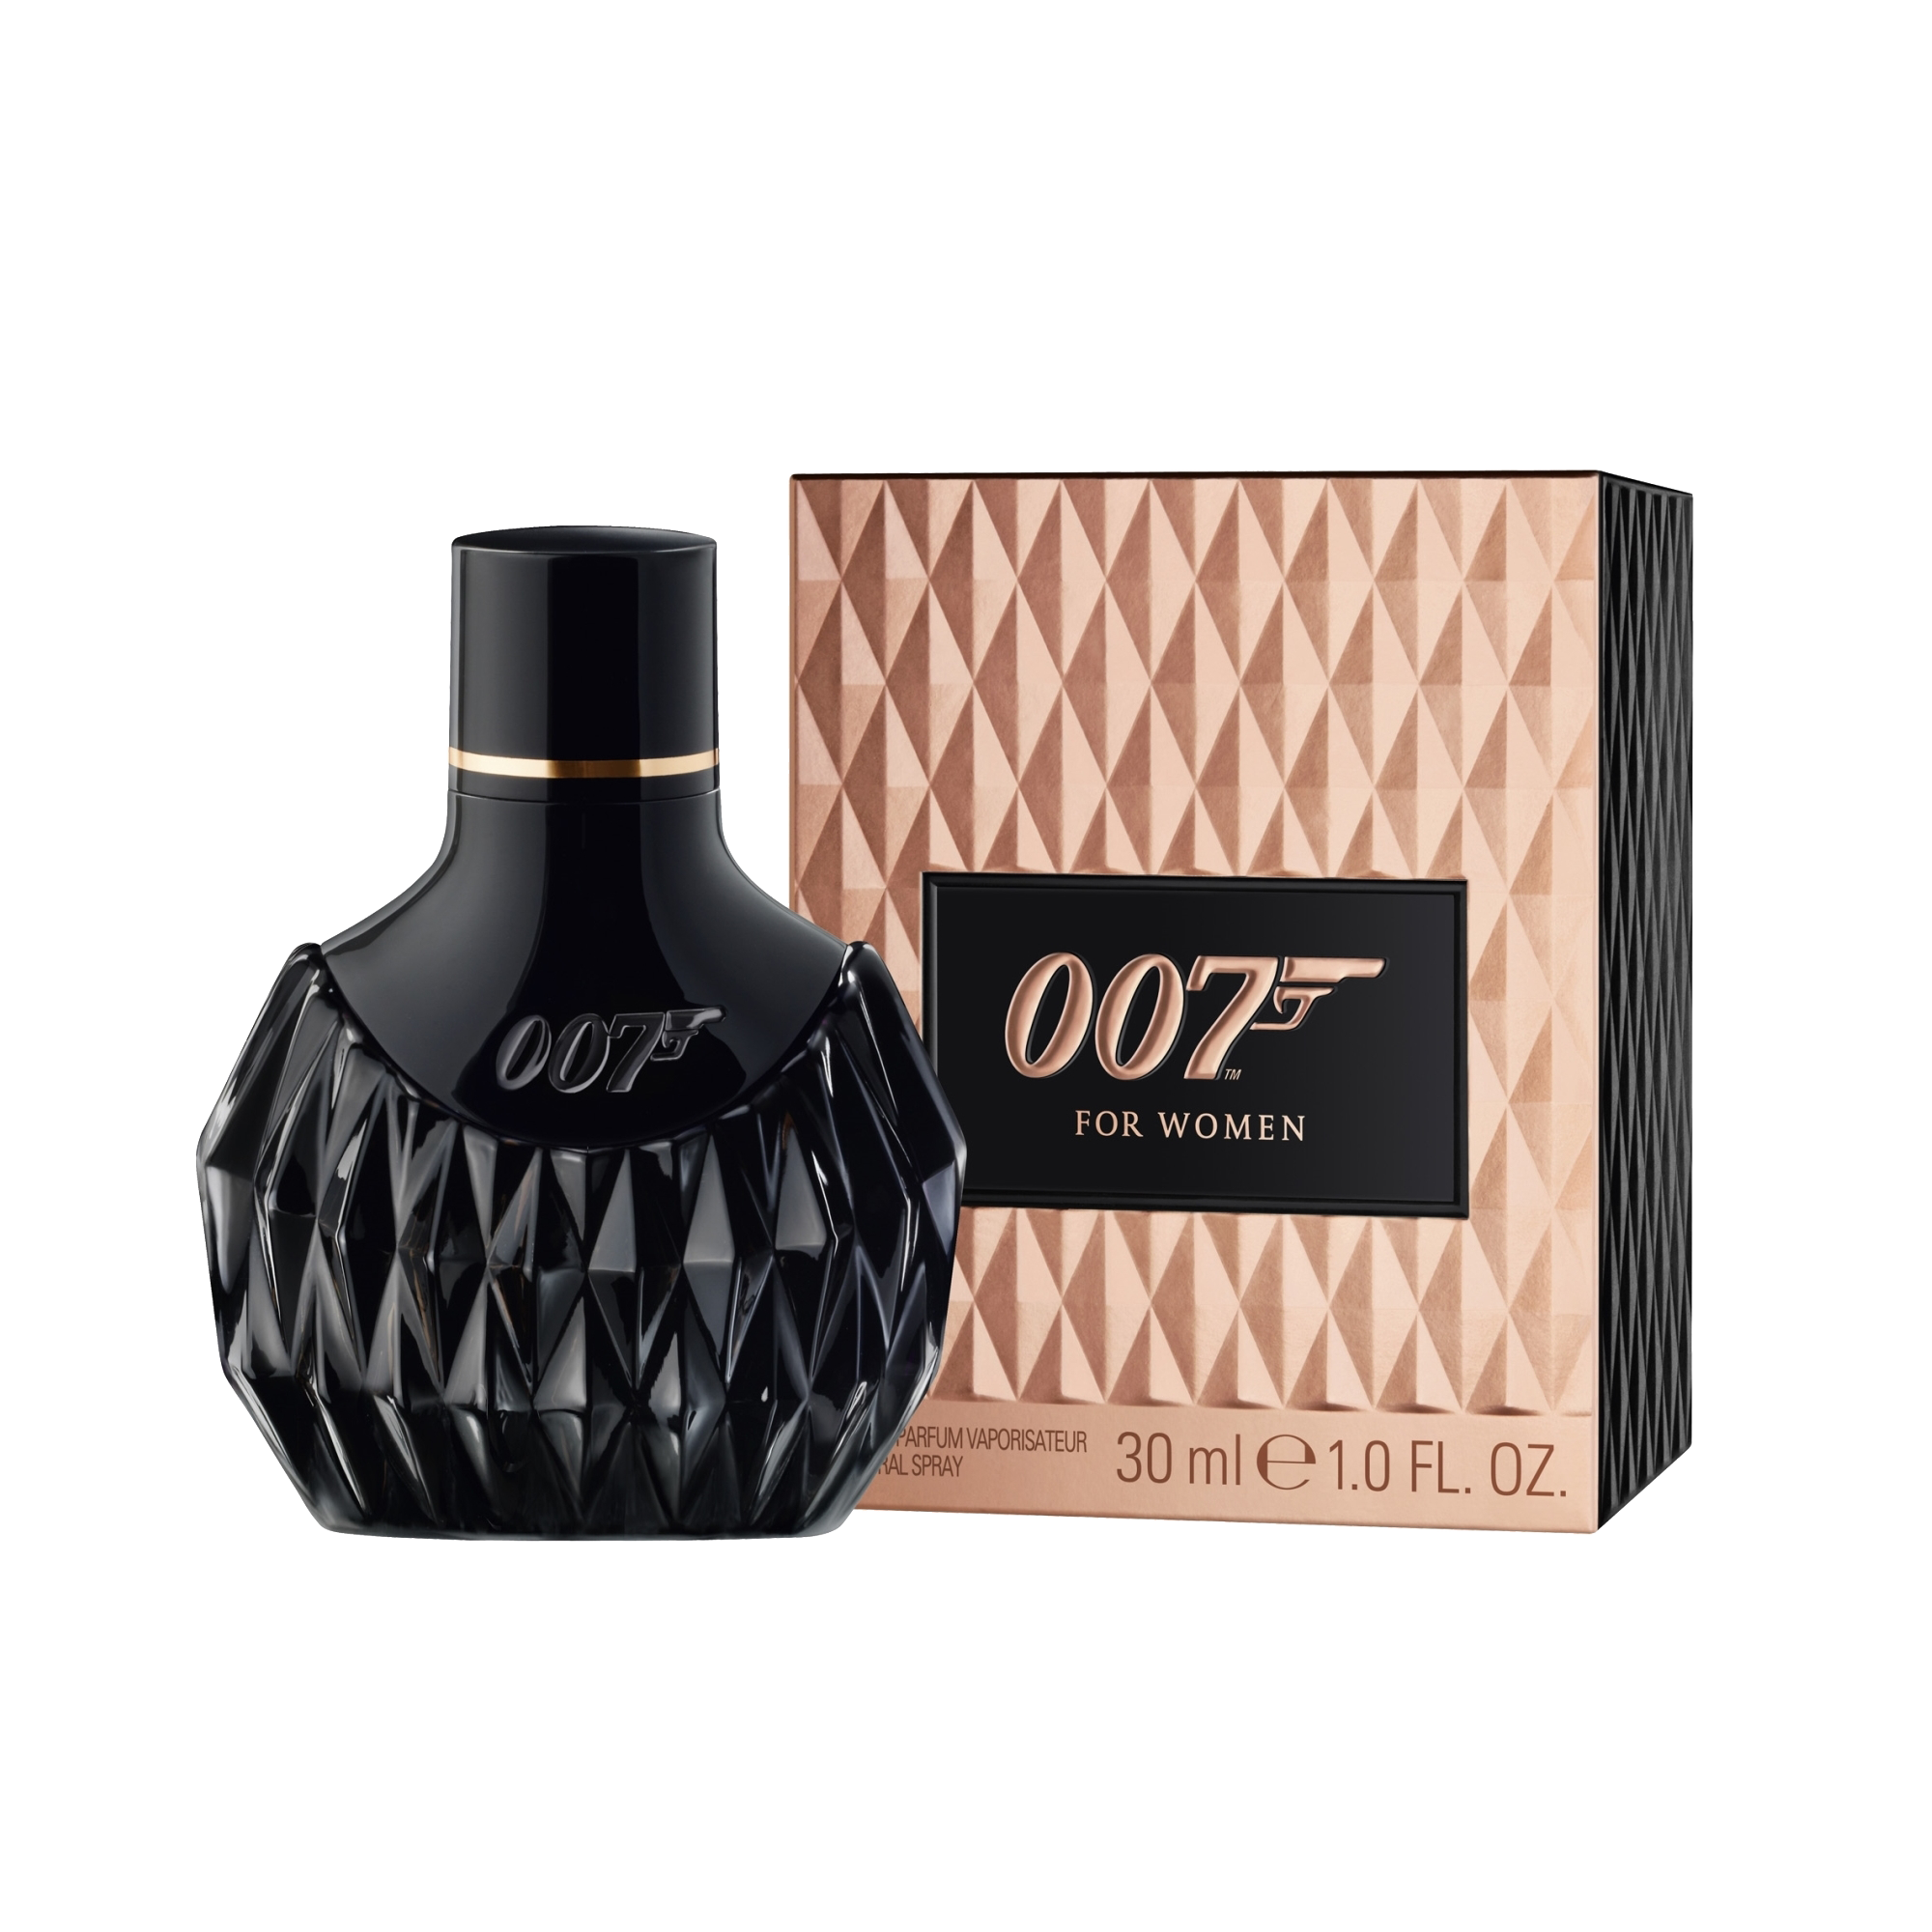 James Bond 007 parfym KICKS